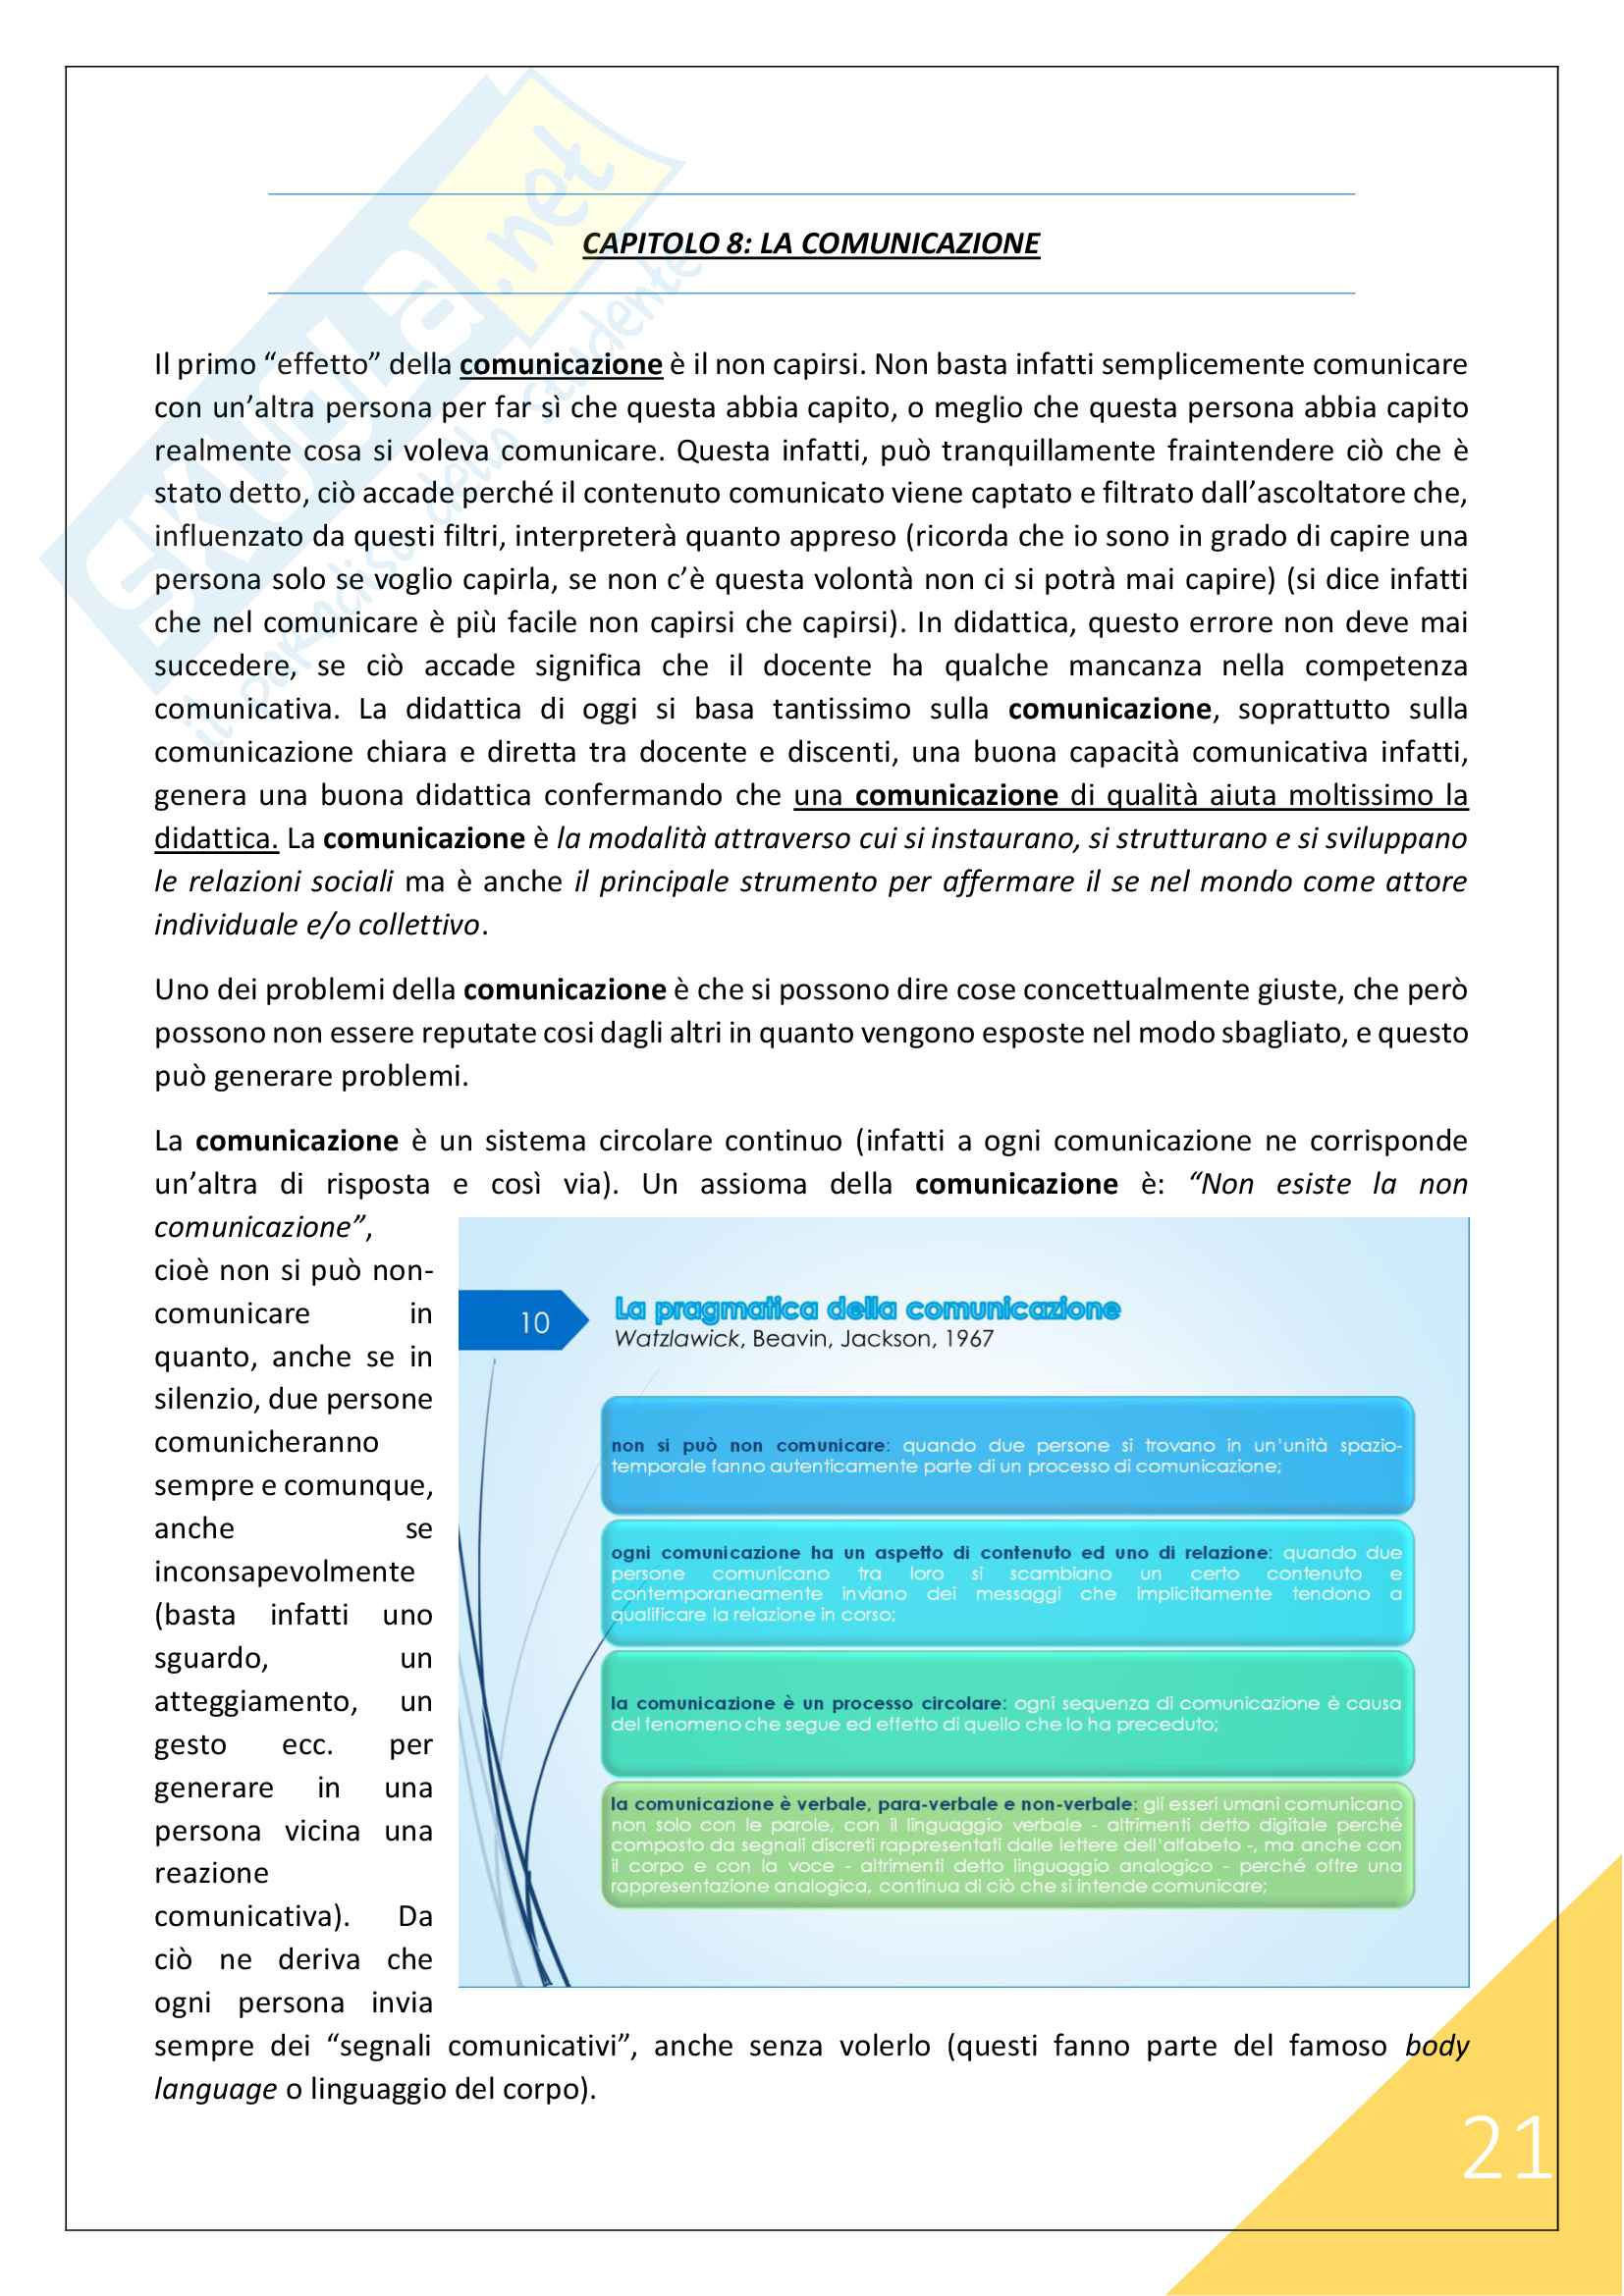 Didattica - 1° Anno Scienze Motorie Pag. 21